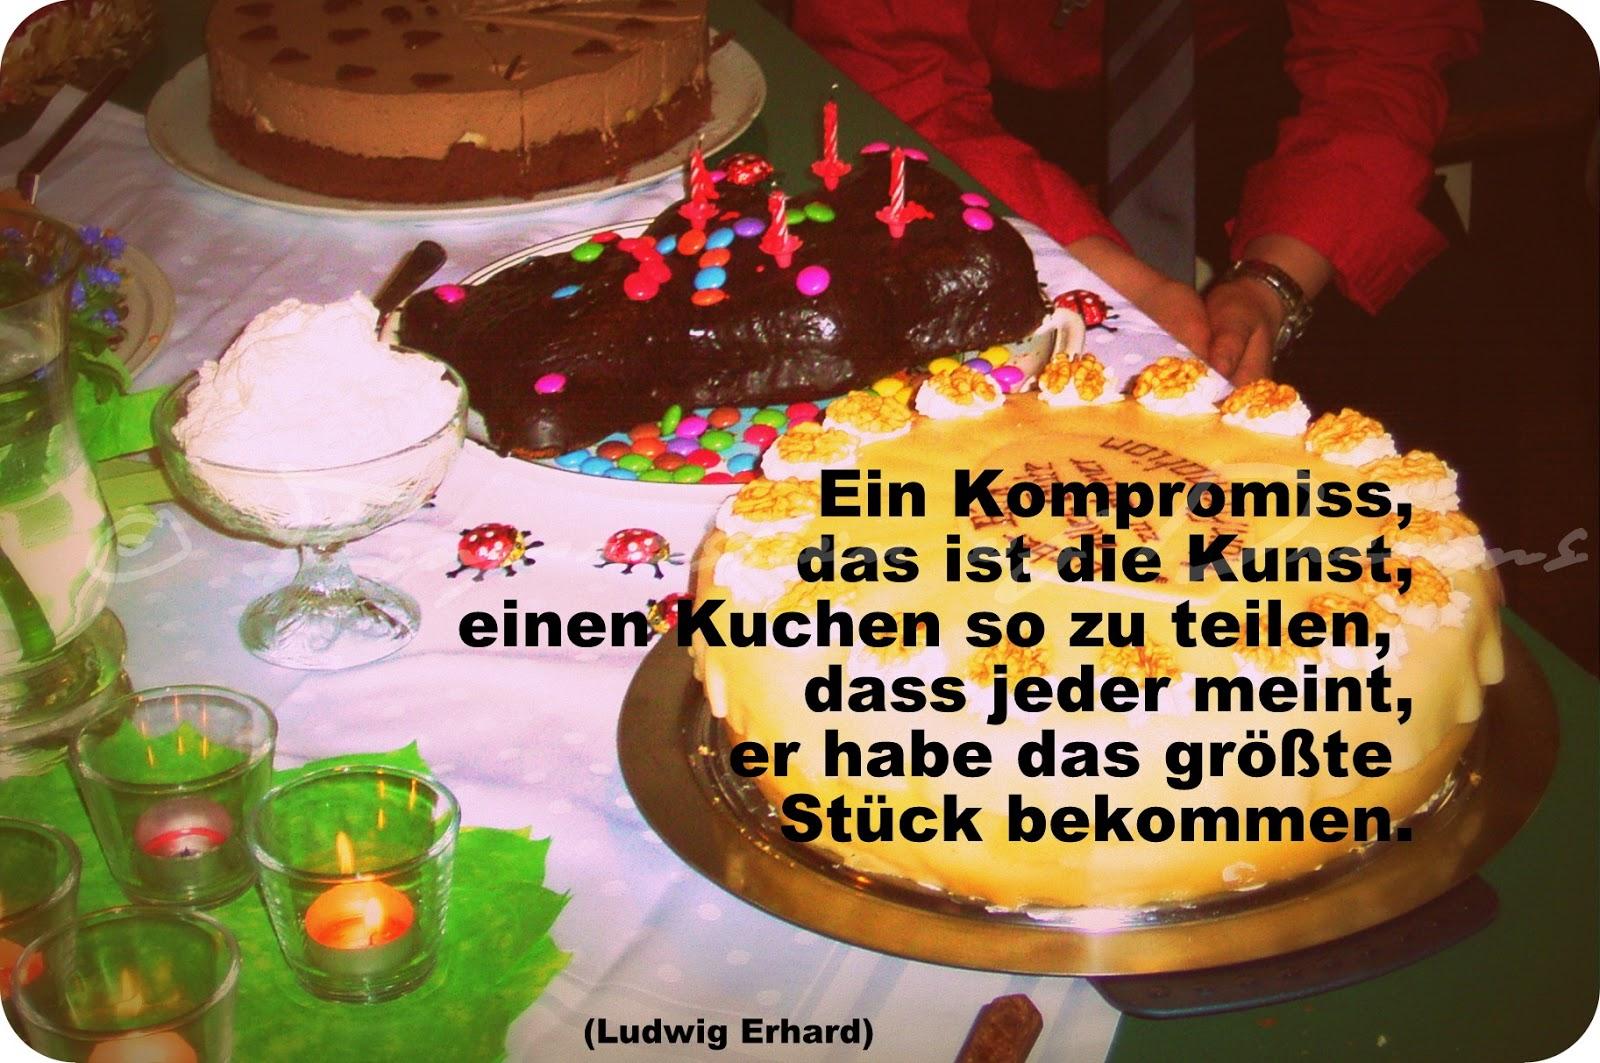 Ein Kompromiss, das ist die Kunst, einen Kuchen so zu teilen, dass jeder meint, er habe das größte Stück bekommen.